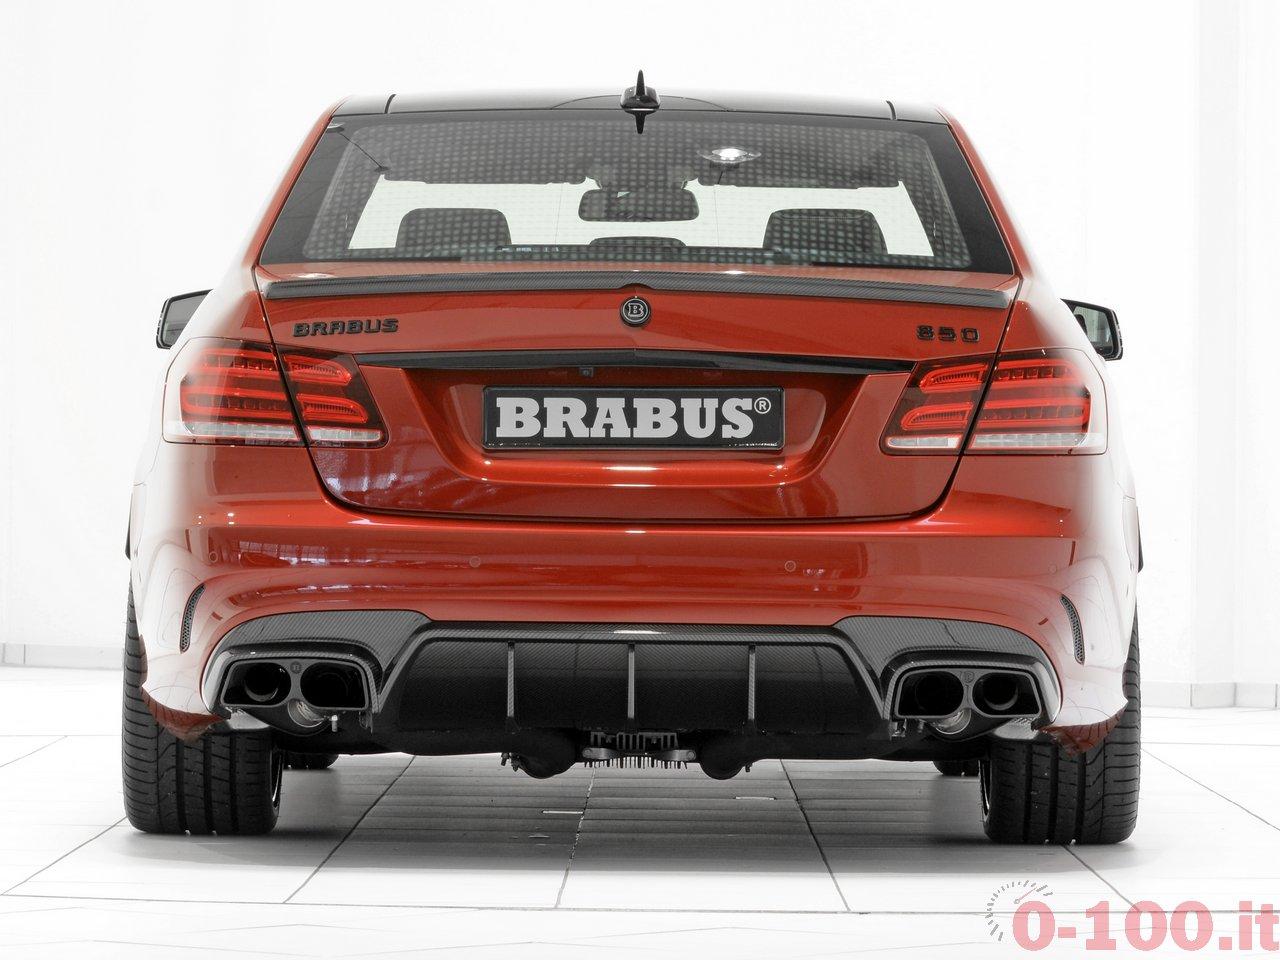 brabus-850-60-biturbo-mercedes-e63-amg_0-100_6